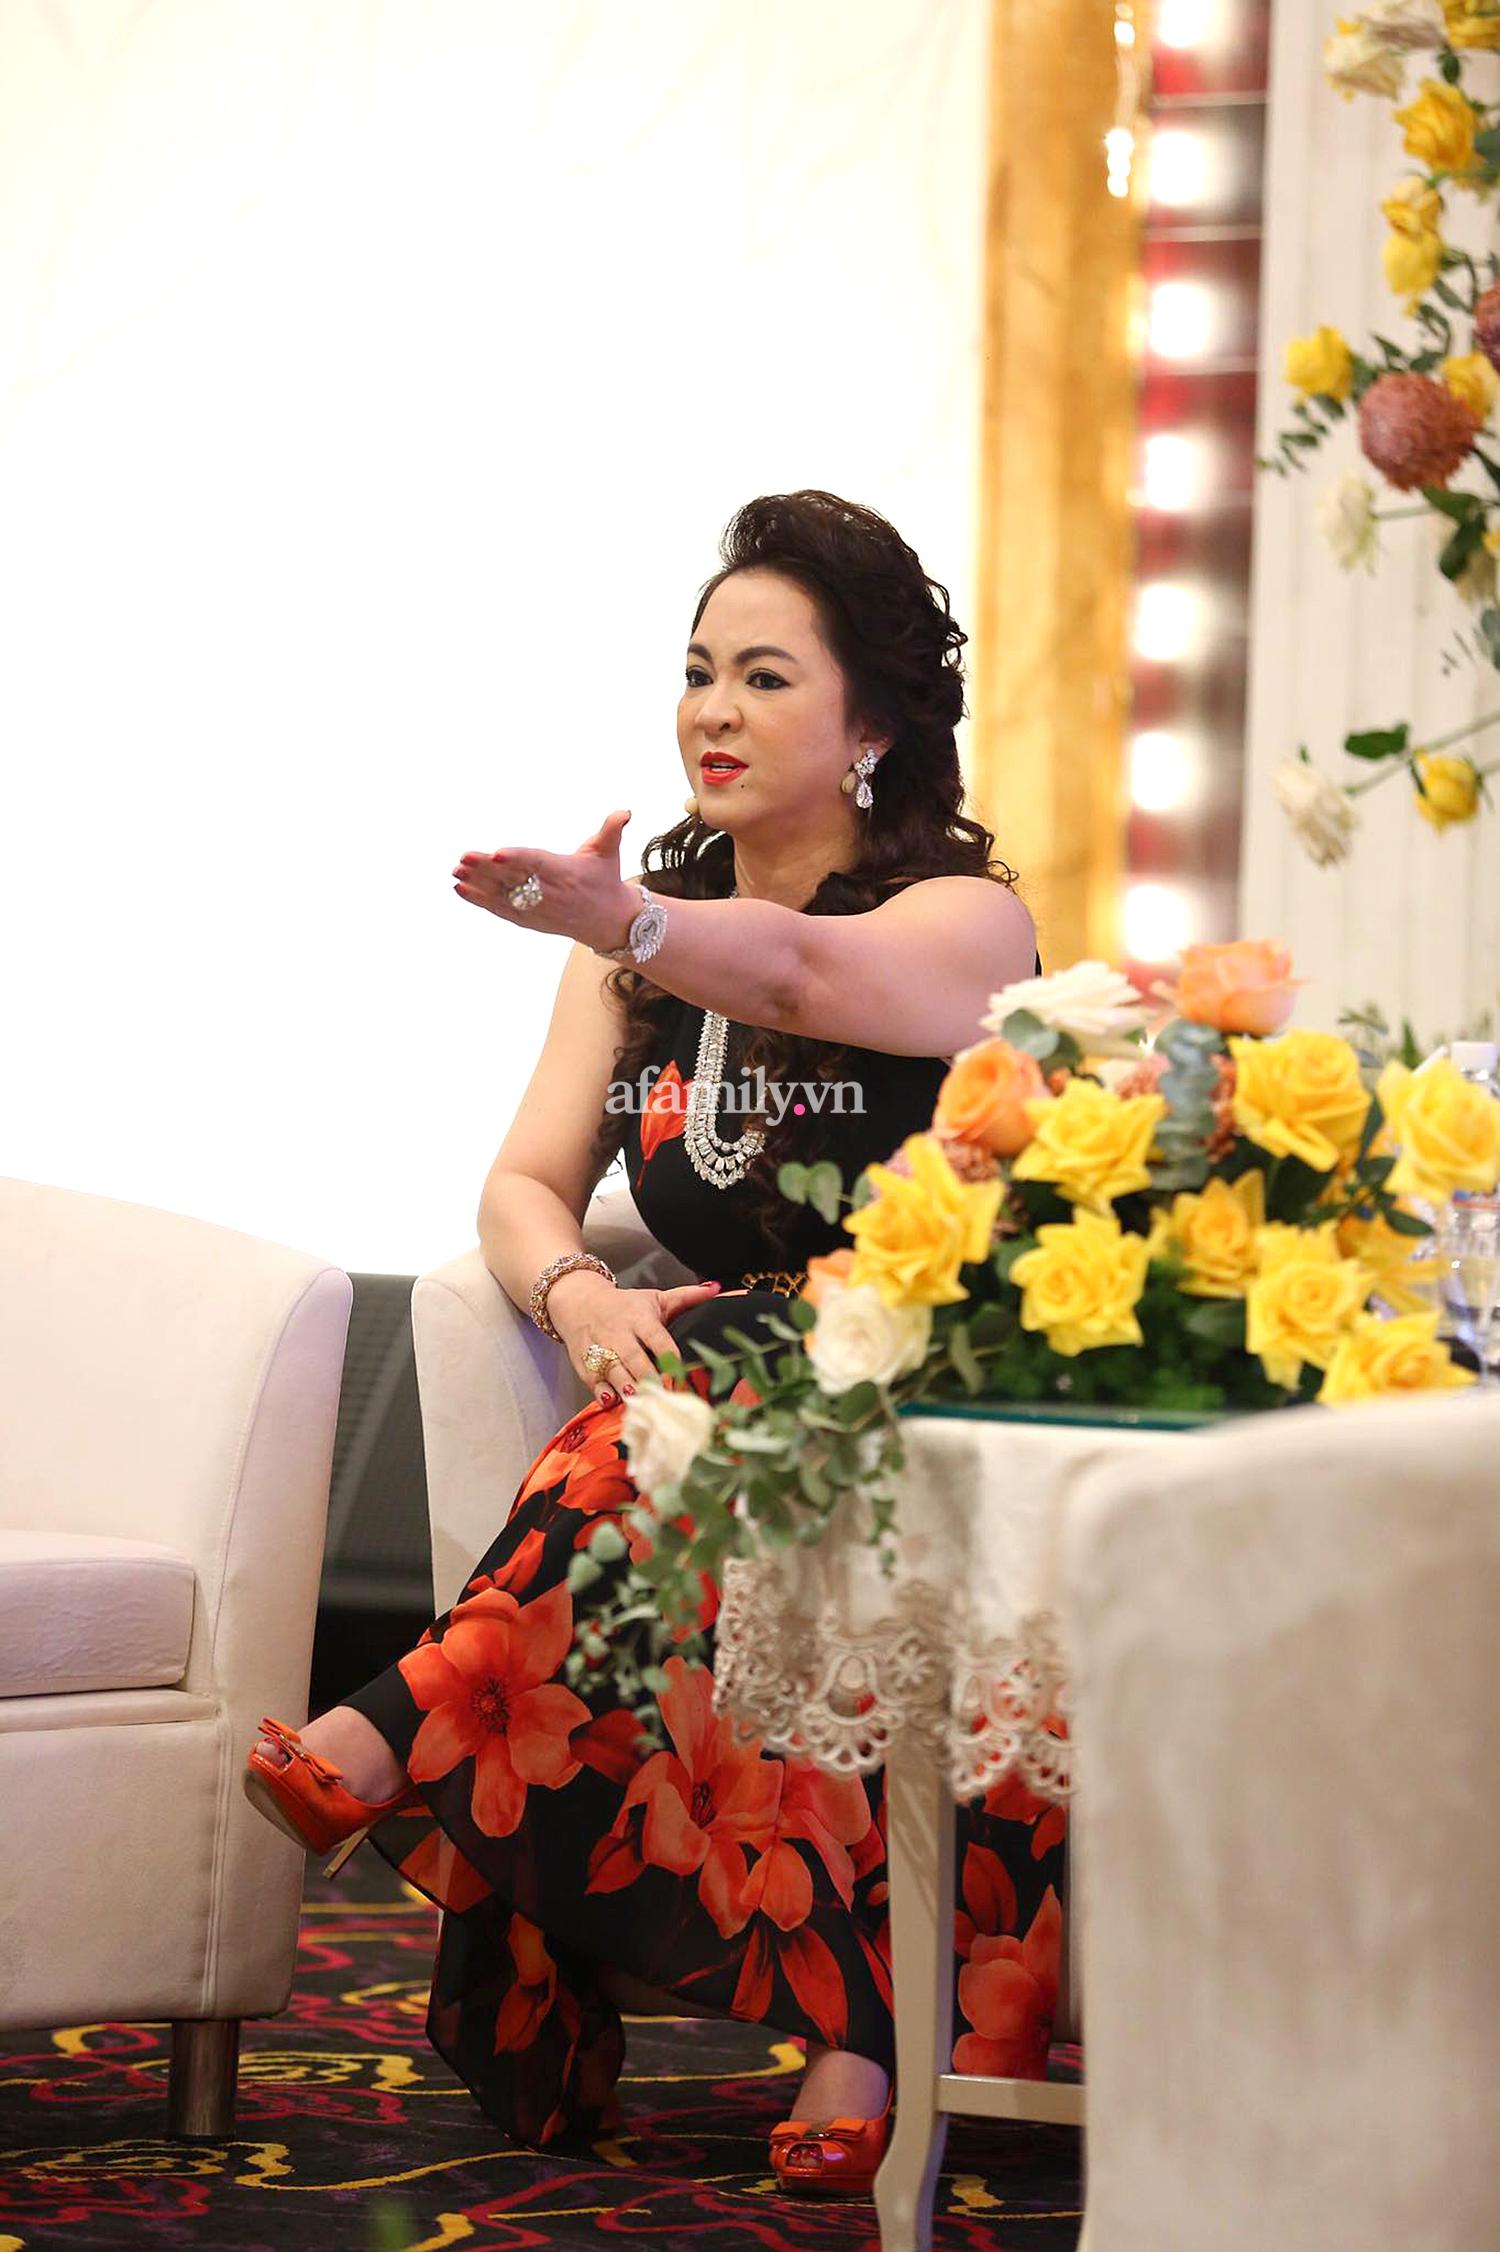 Bà Phương Hằng có style cực kỳ tinh tế, đẳng cấp không phải ở trang sức mà ở món phụ kiện nhỏ xinh này - Ảnh 5.